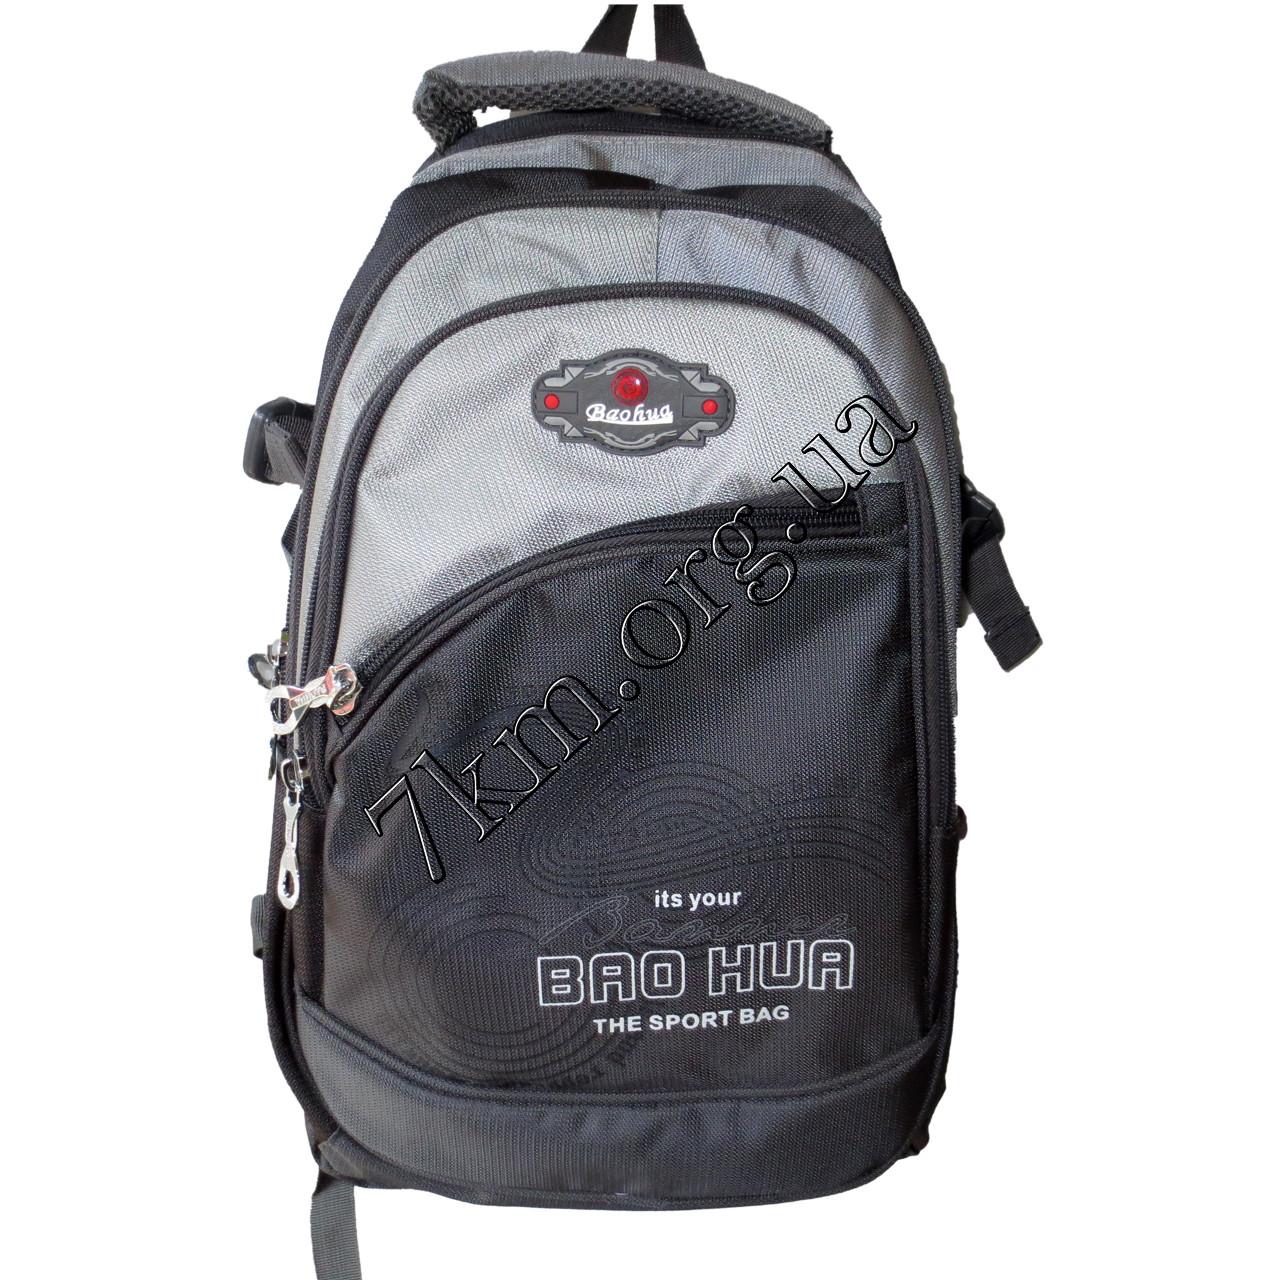 Шкільний рюкзак для хлопчиків Baohua CR 6373-2